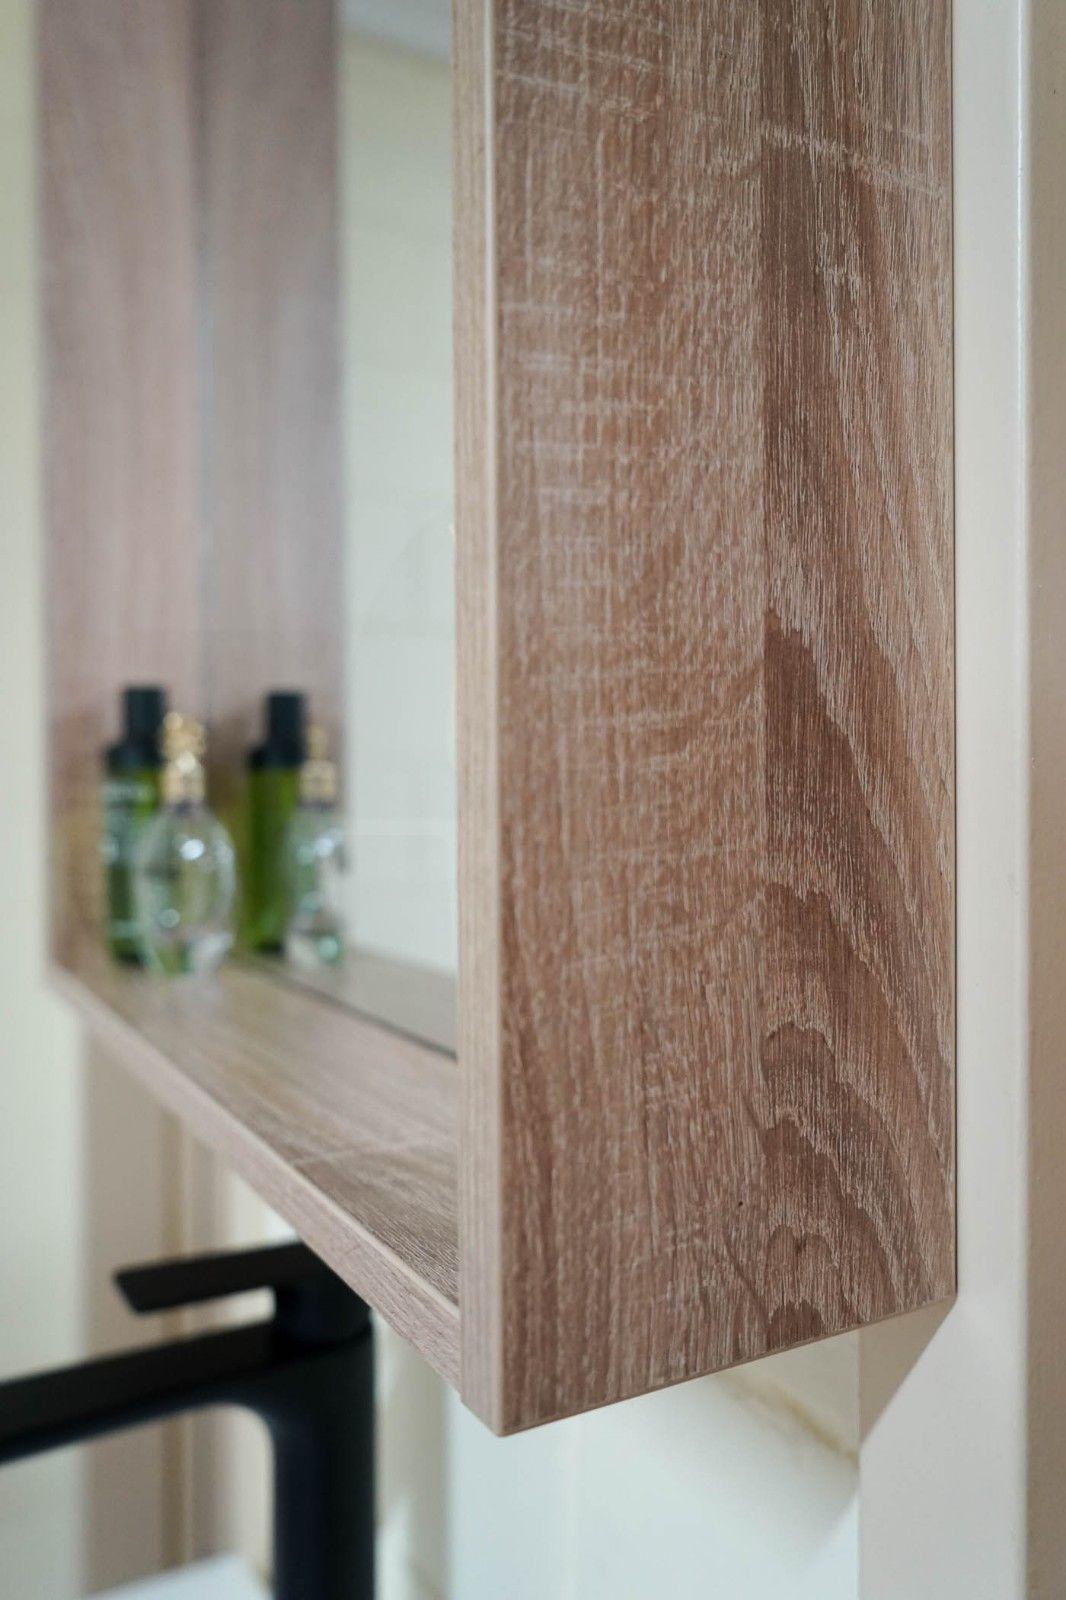 Framed White Oak Timber Wood Grain Wall Mounted Framed